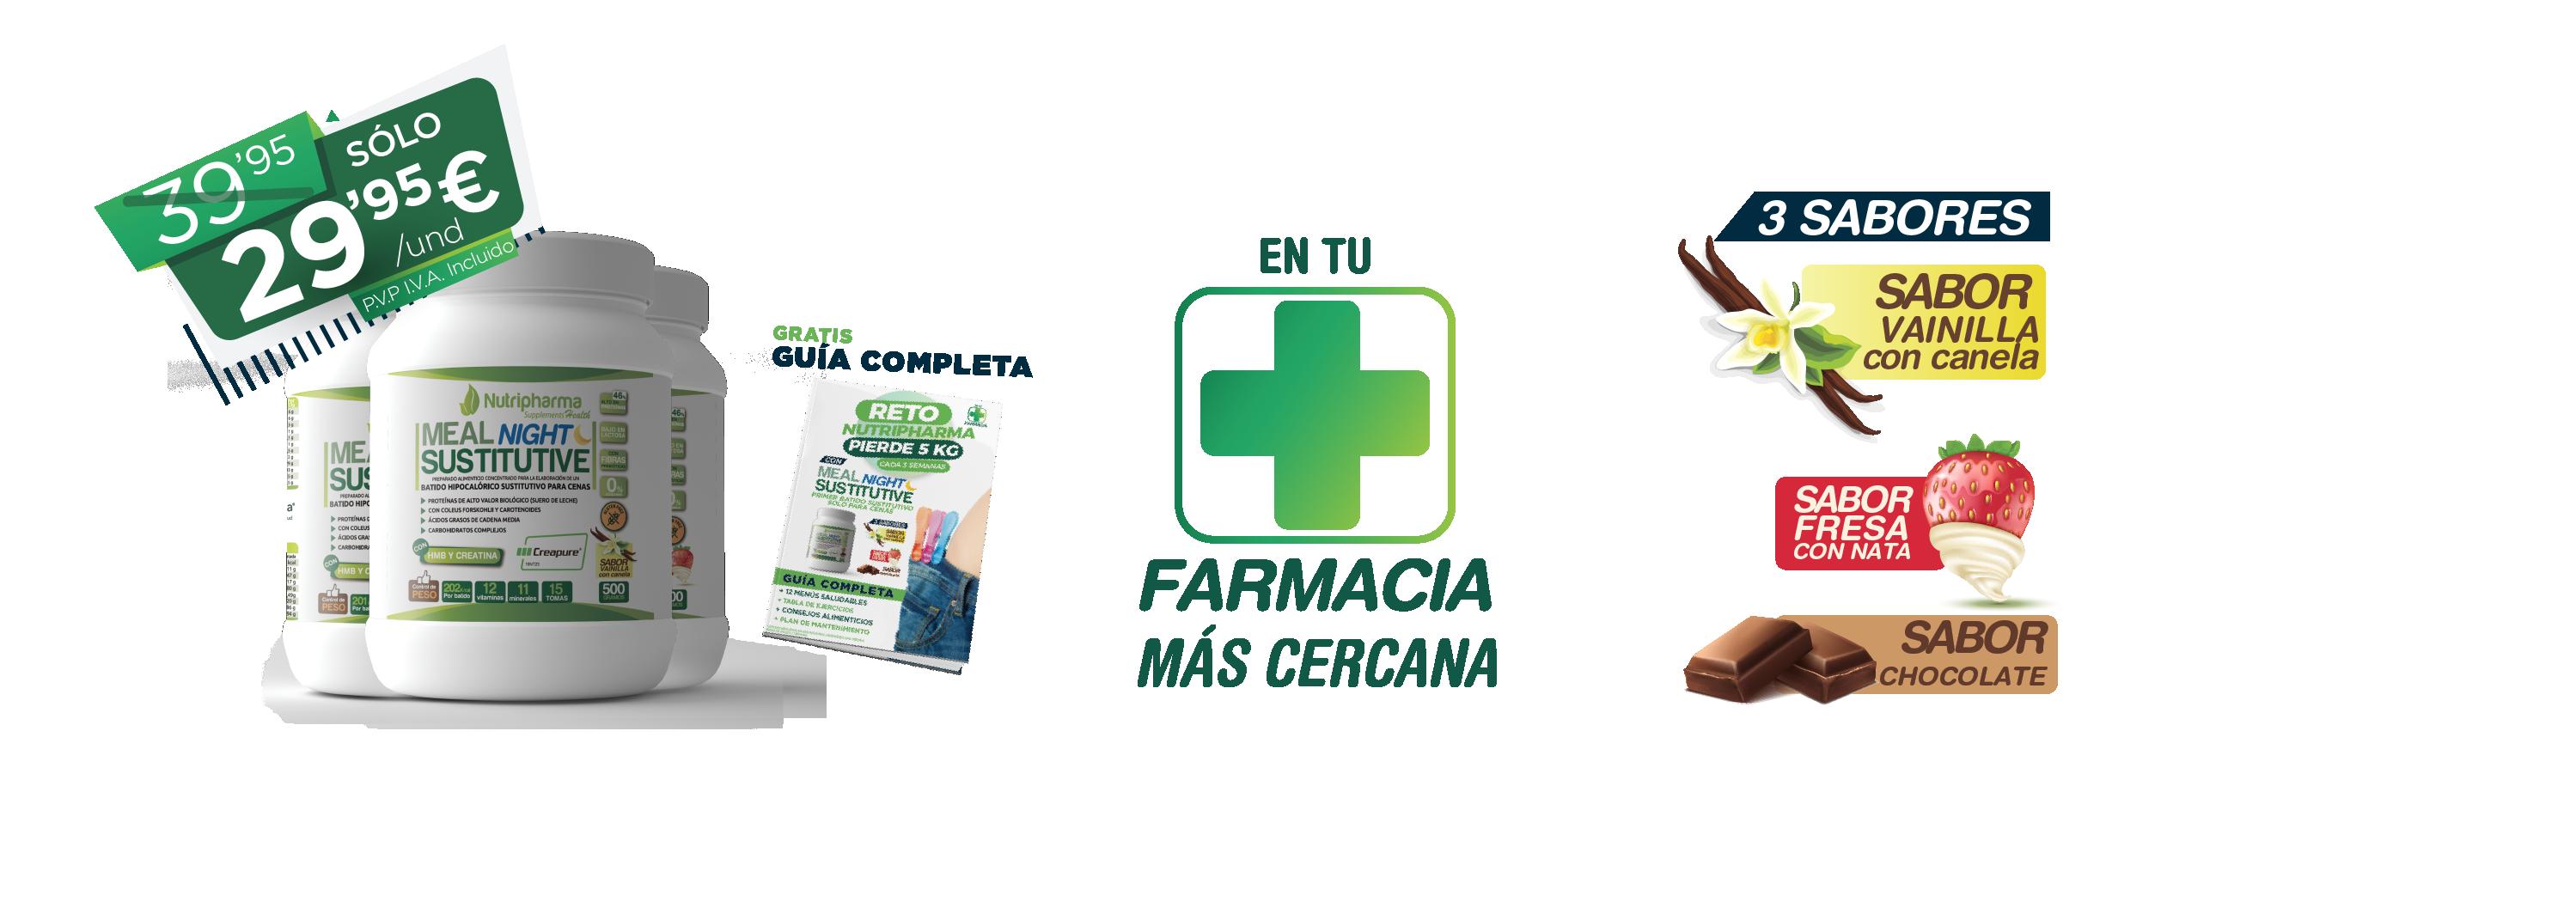 FARMACIA-CERCANA-GUIA-08